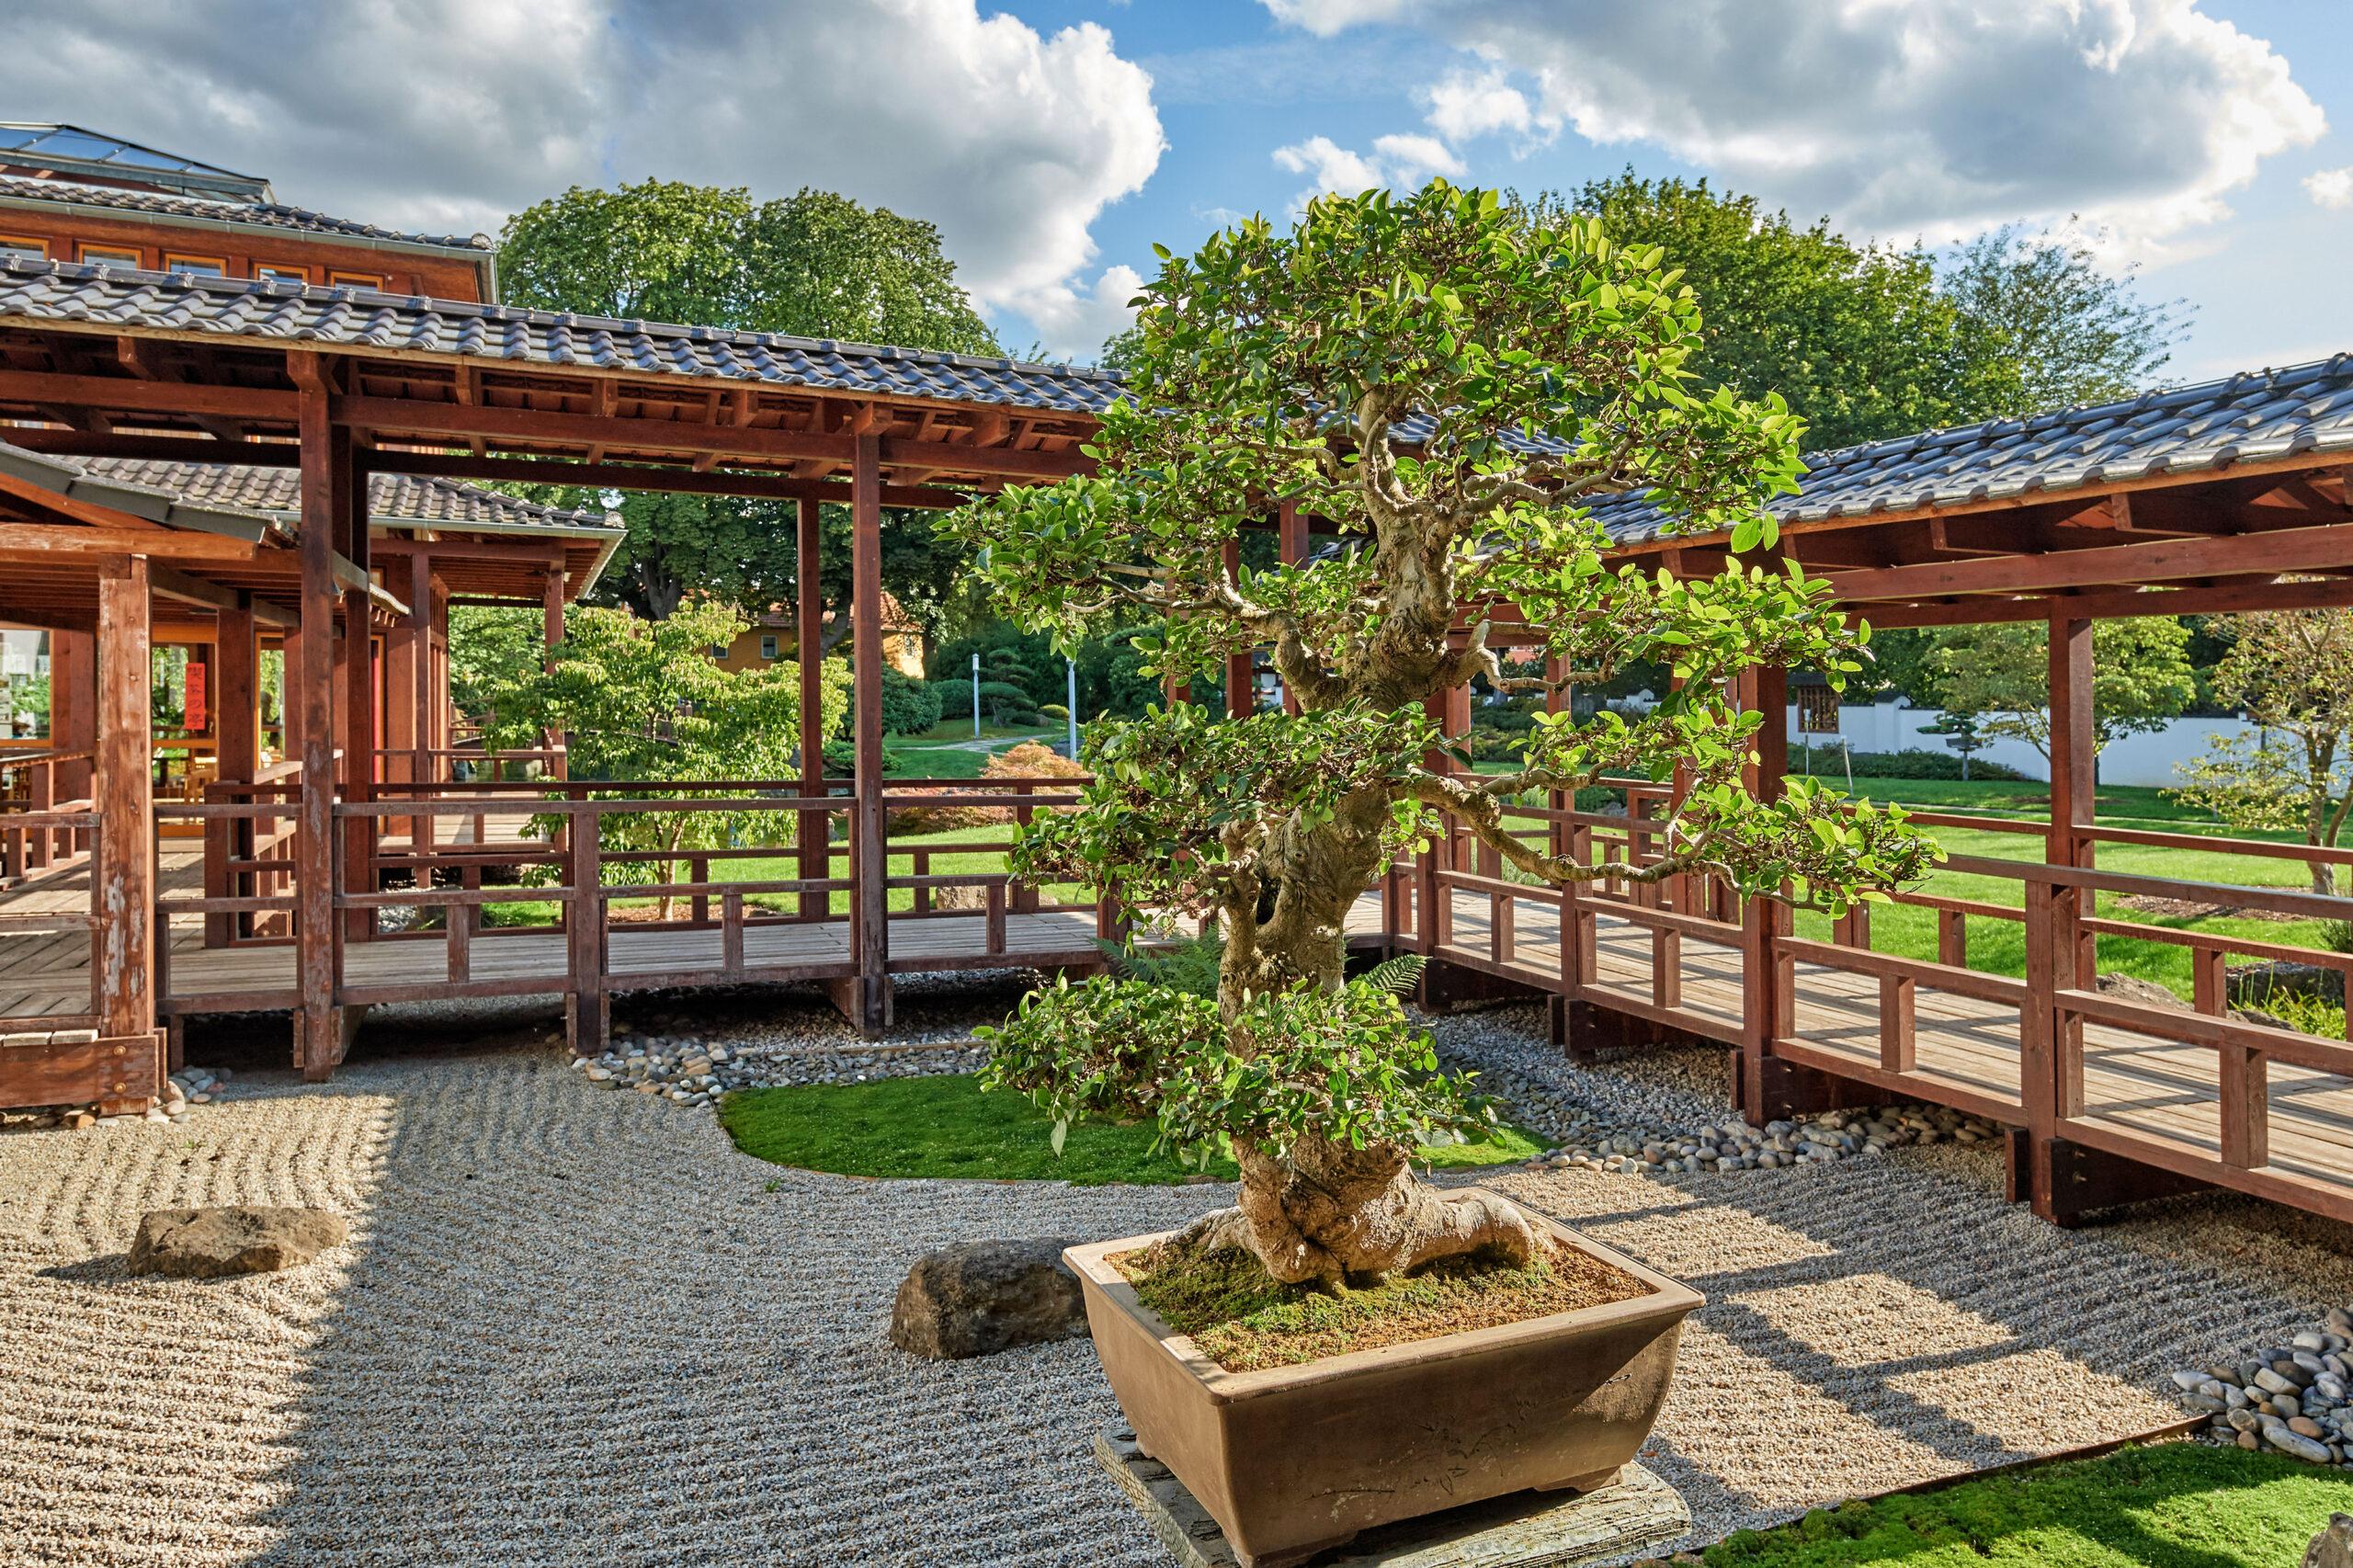 Der Japanische Garten in Bad Langensalza © Florian Trykowski / TTG